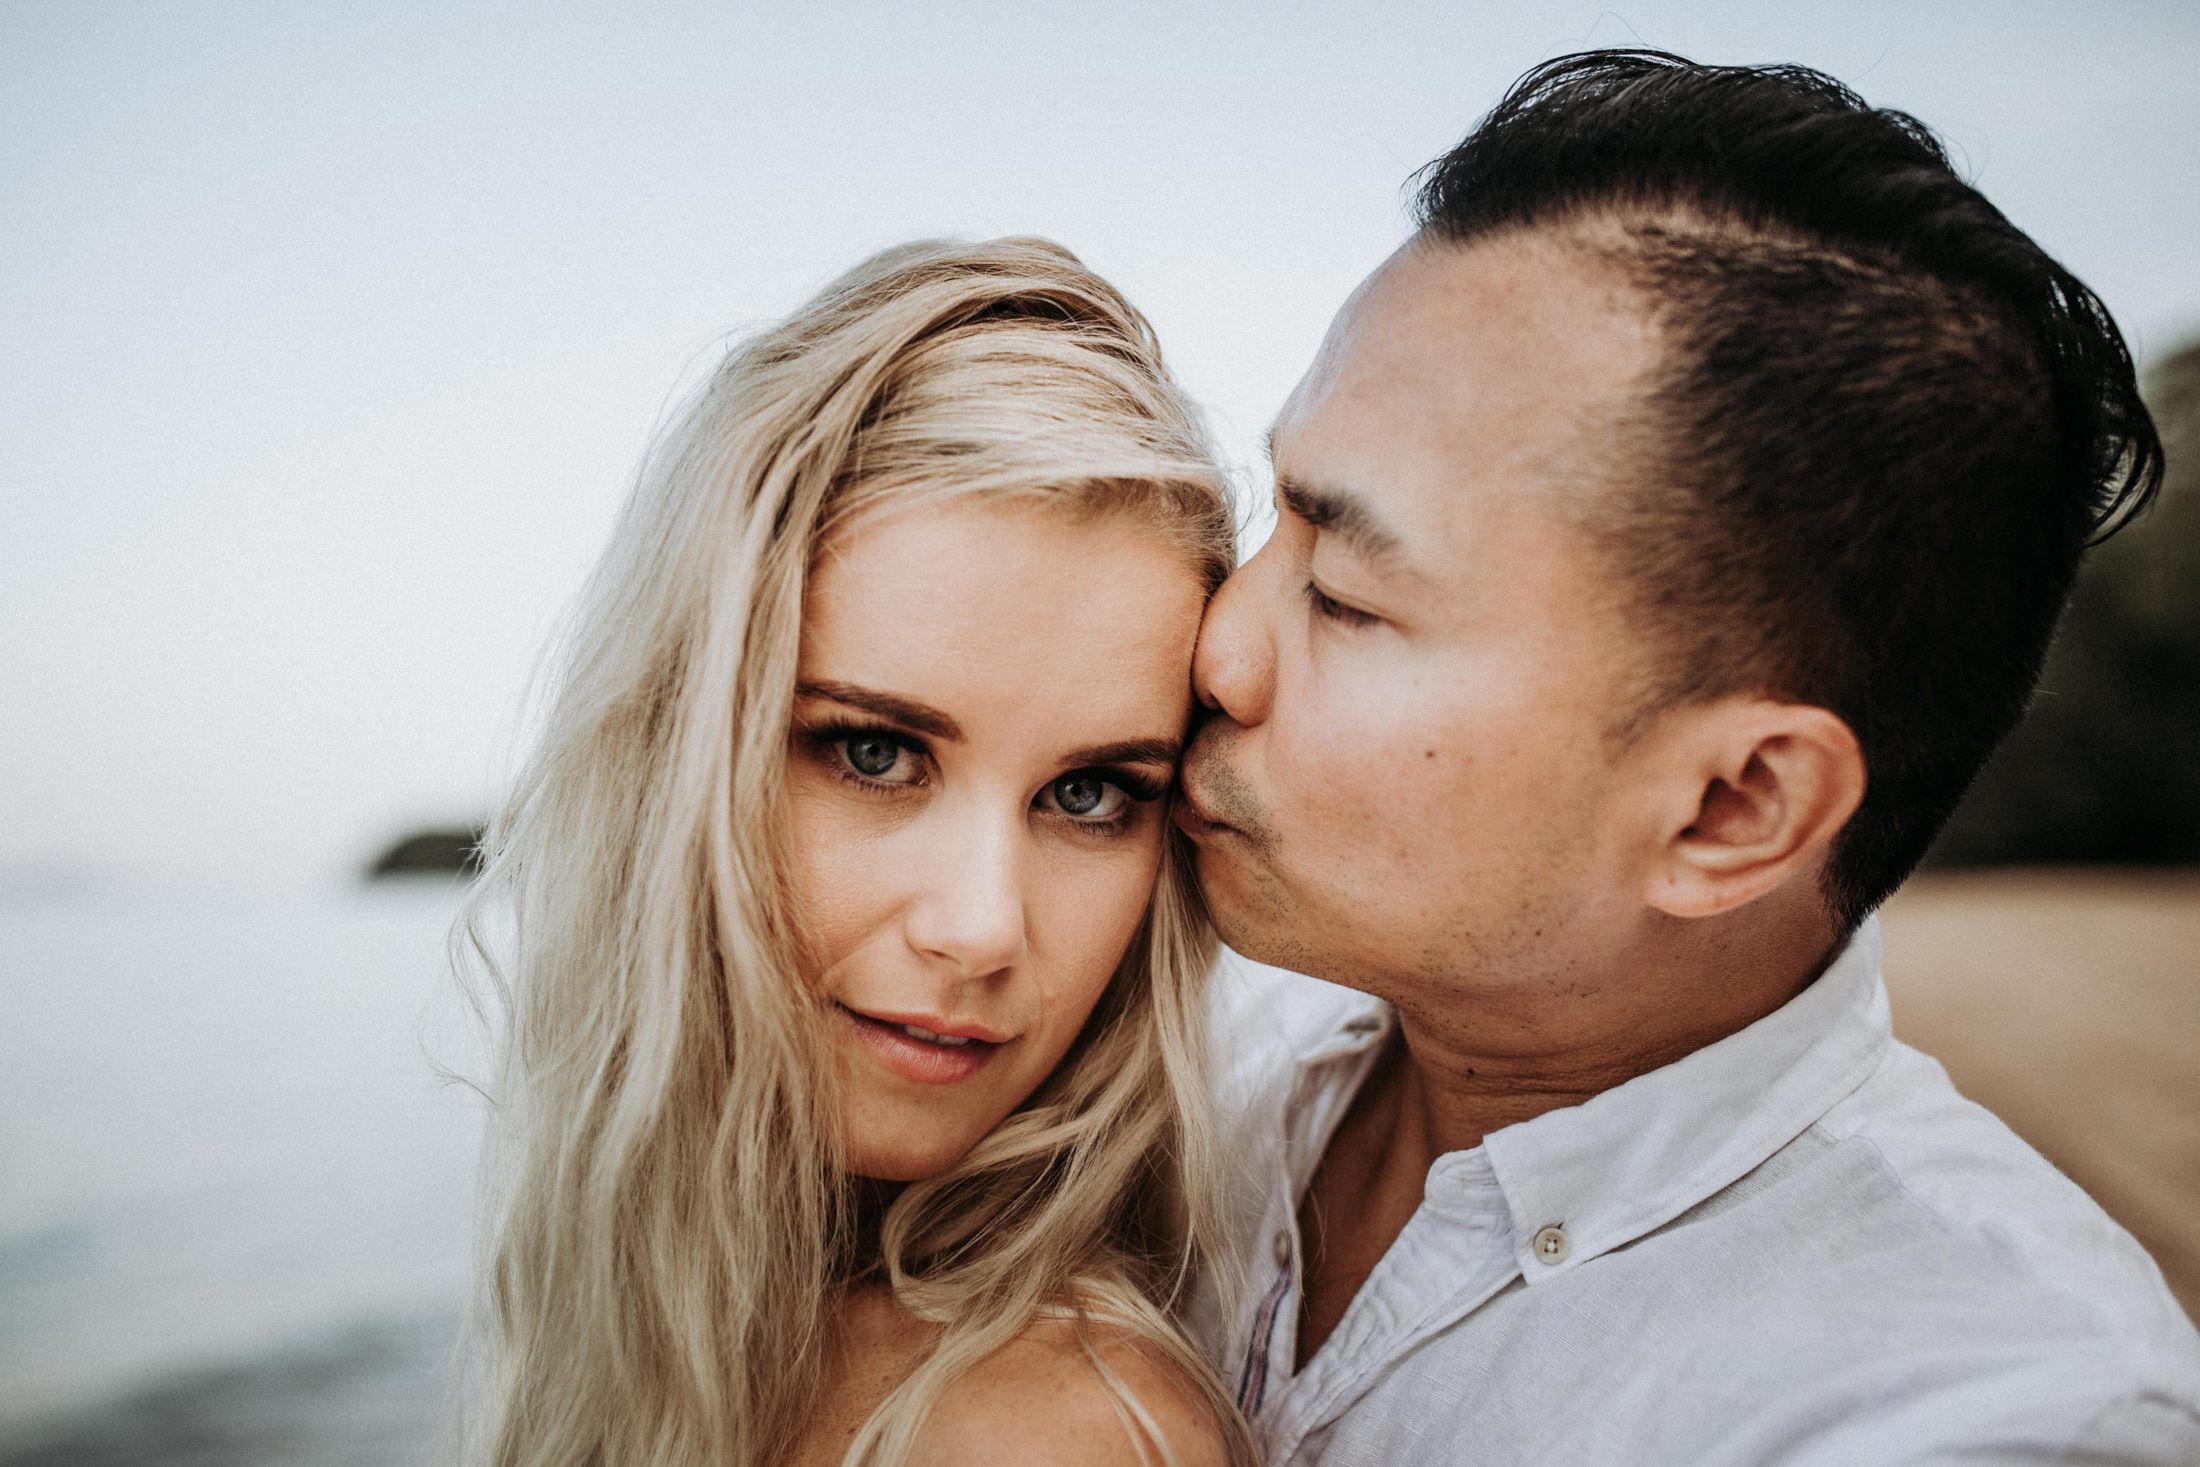 DanielaMarquardt_Wedding_Thailand_6